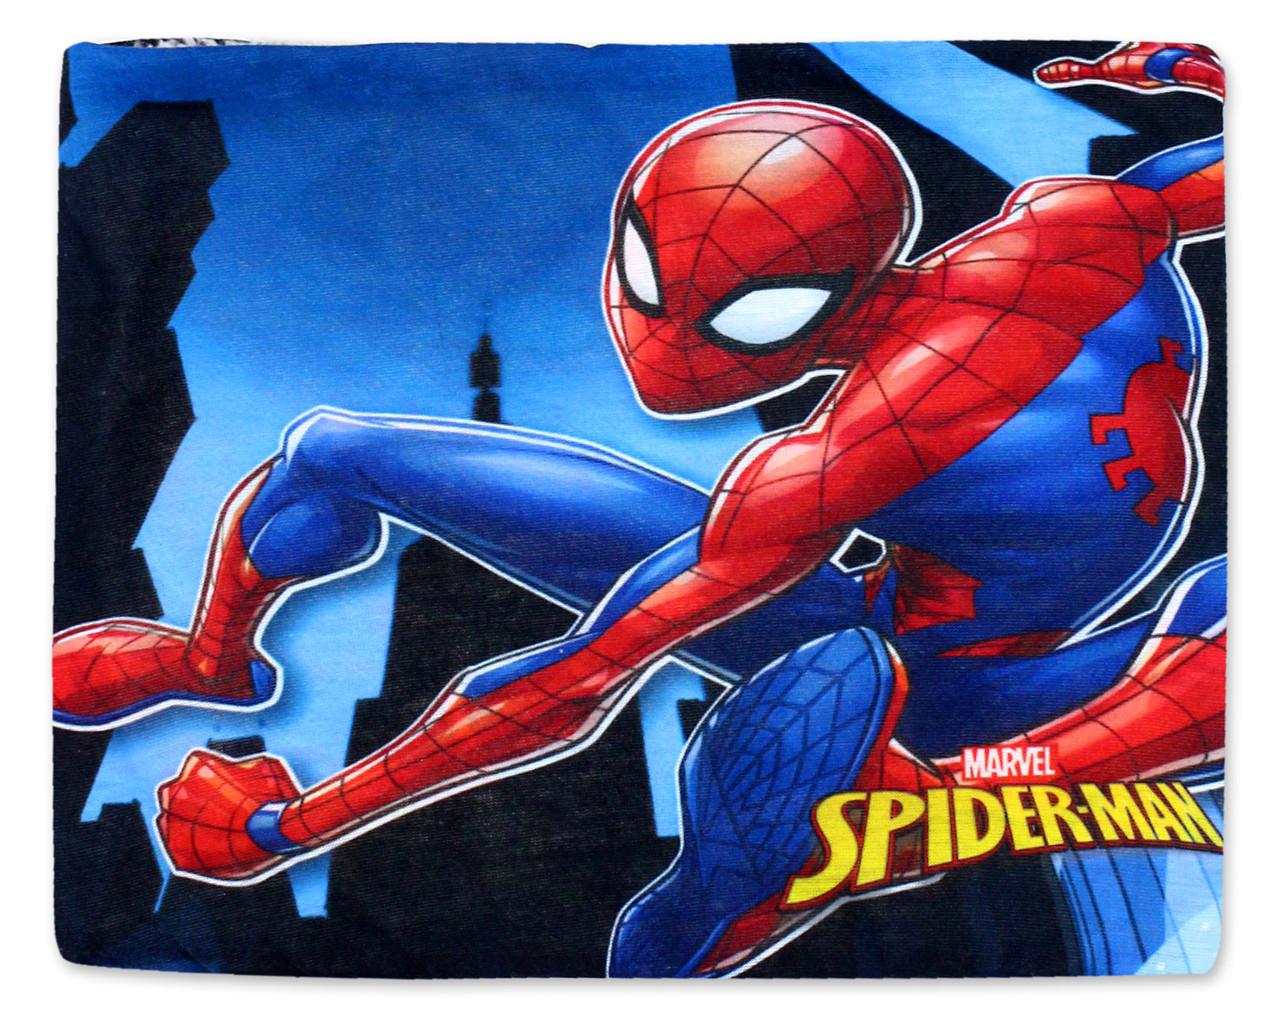 {есть:21*48,5} Шарфик для мальчиков  Spider-Man, 21*48,5 см. [21*48,5]